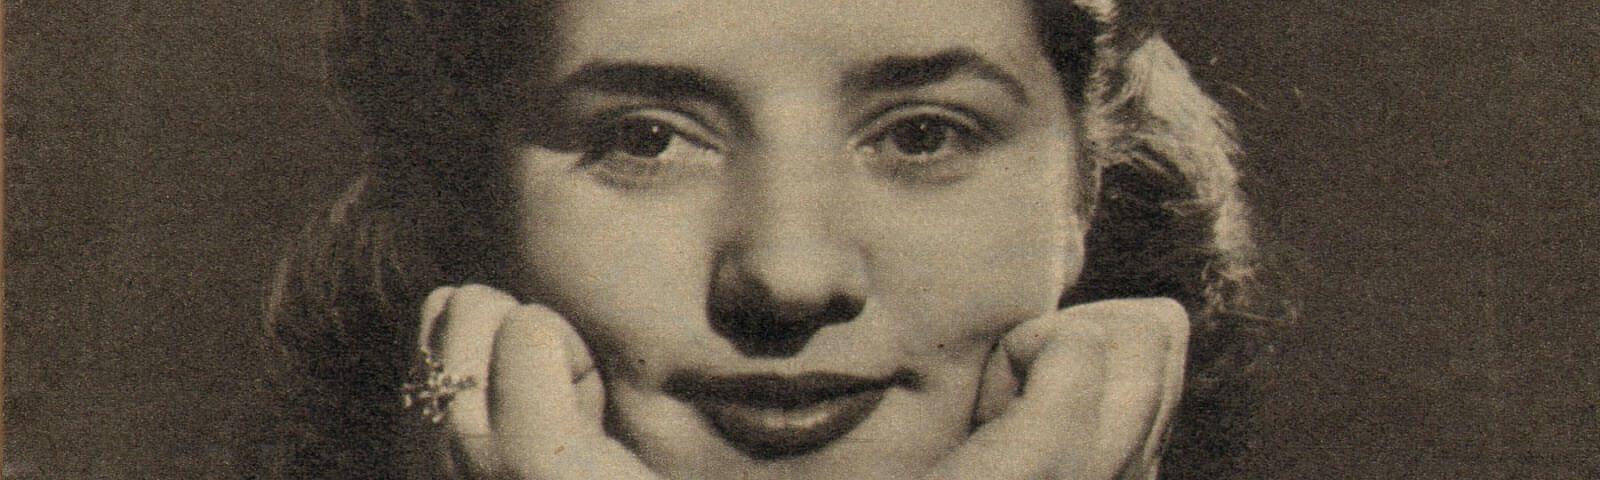 Wilma de Angelis: biografia, vita privata e curiosità